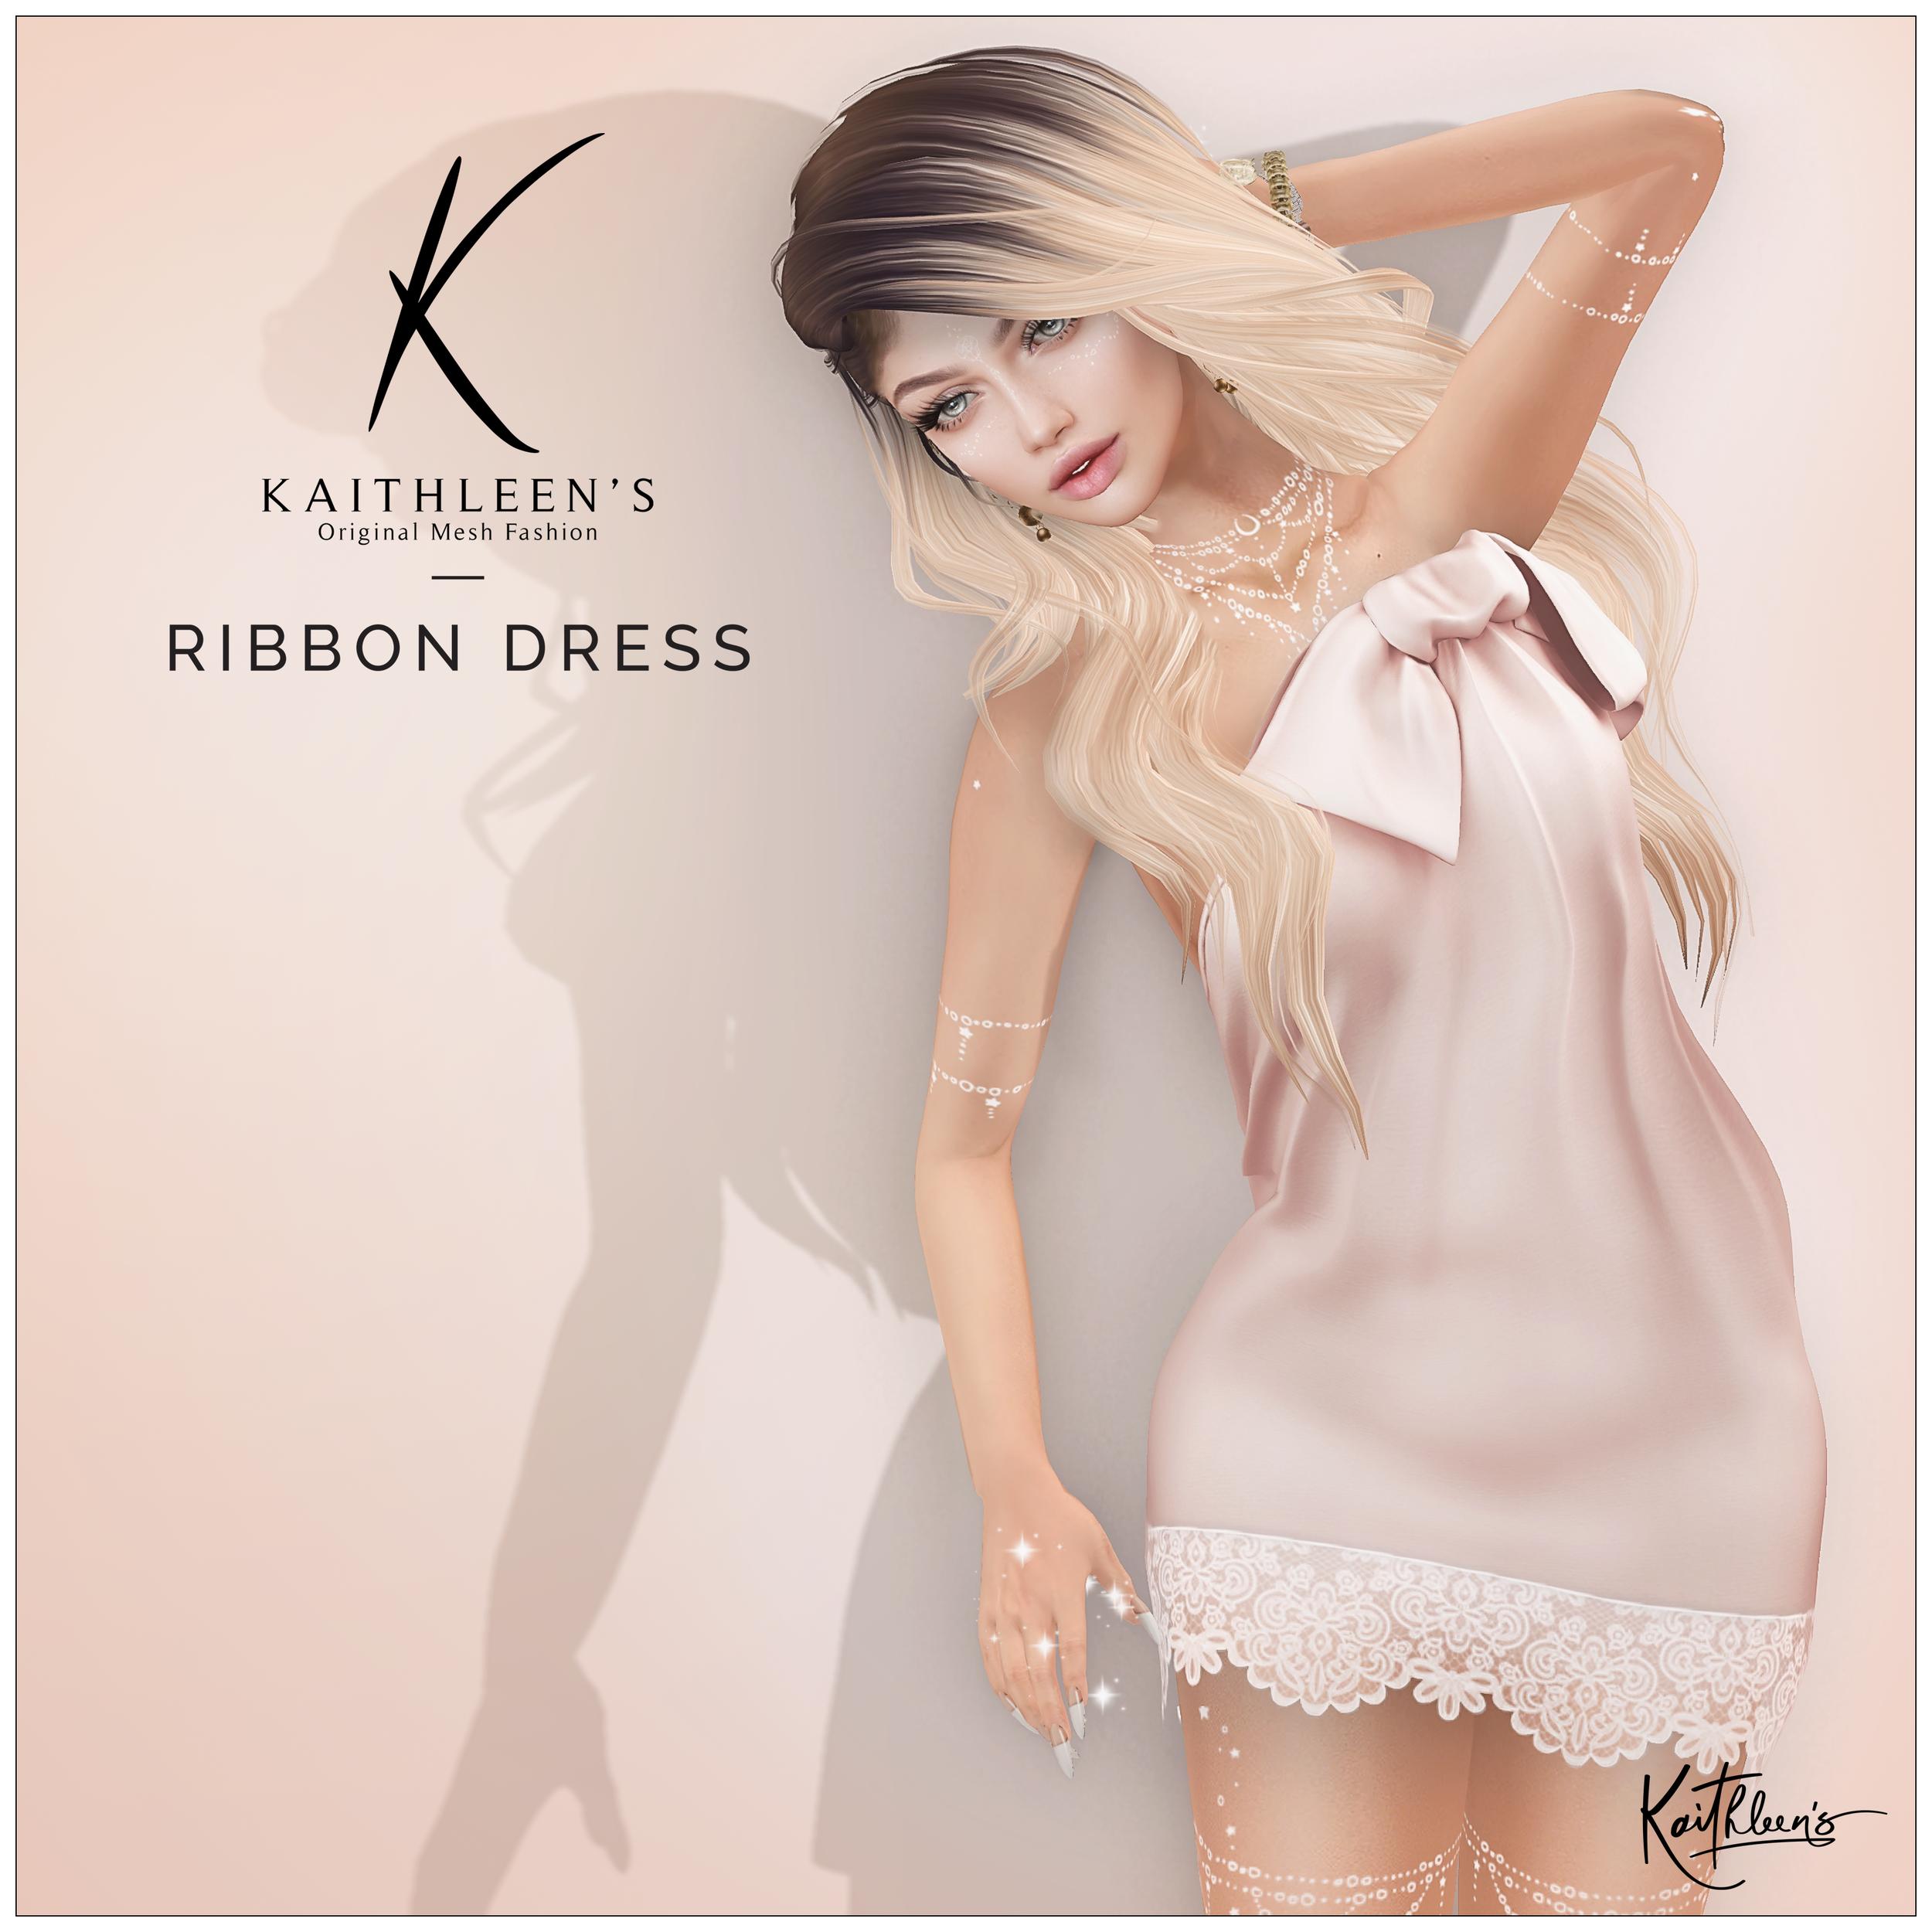 Kaithleen's Ribbon Dress Poster.png